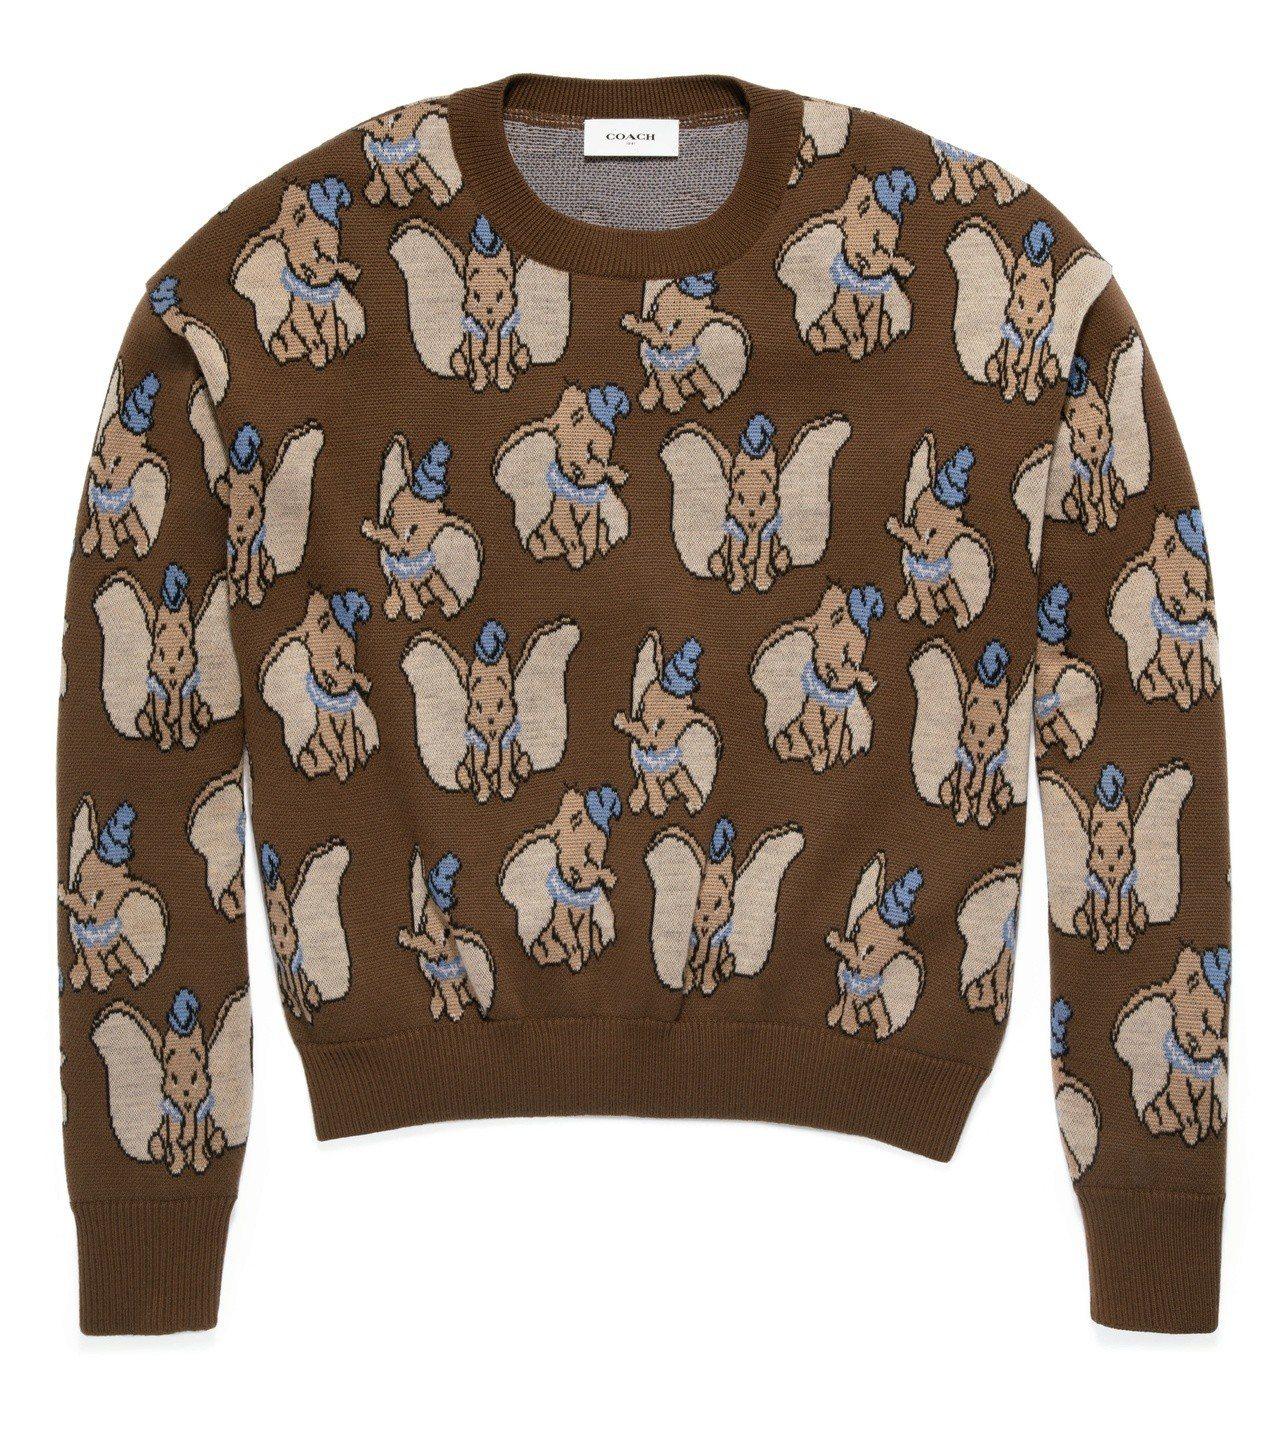 Disney x COACH Dumbo經典緹花毛衣,售價16,800元。圖/C...